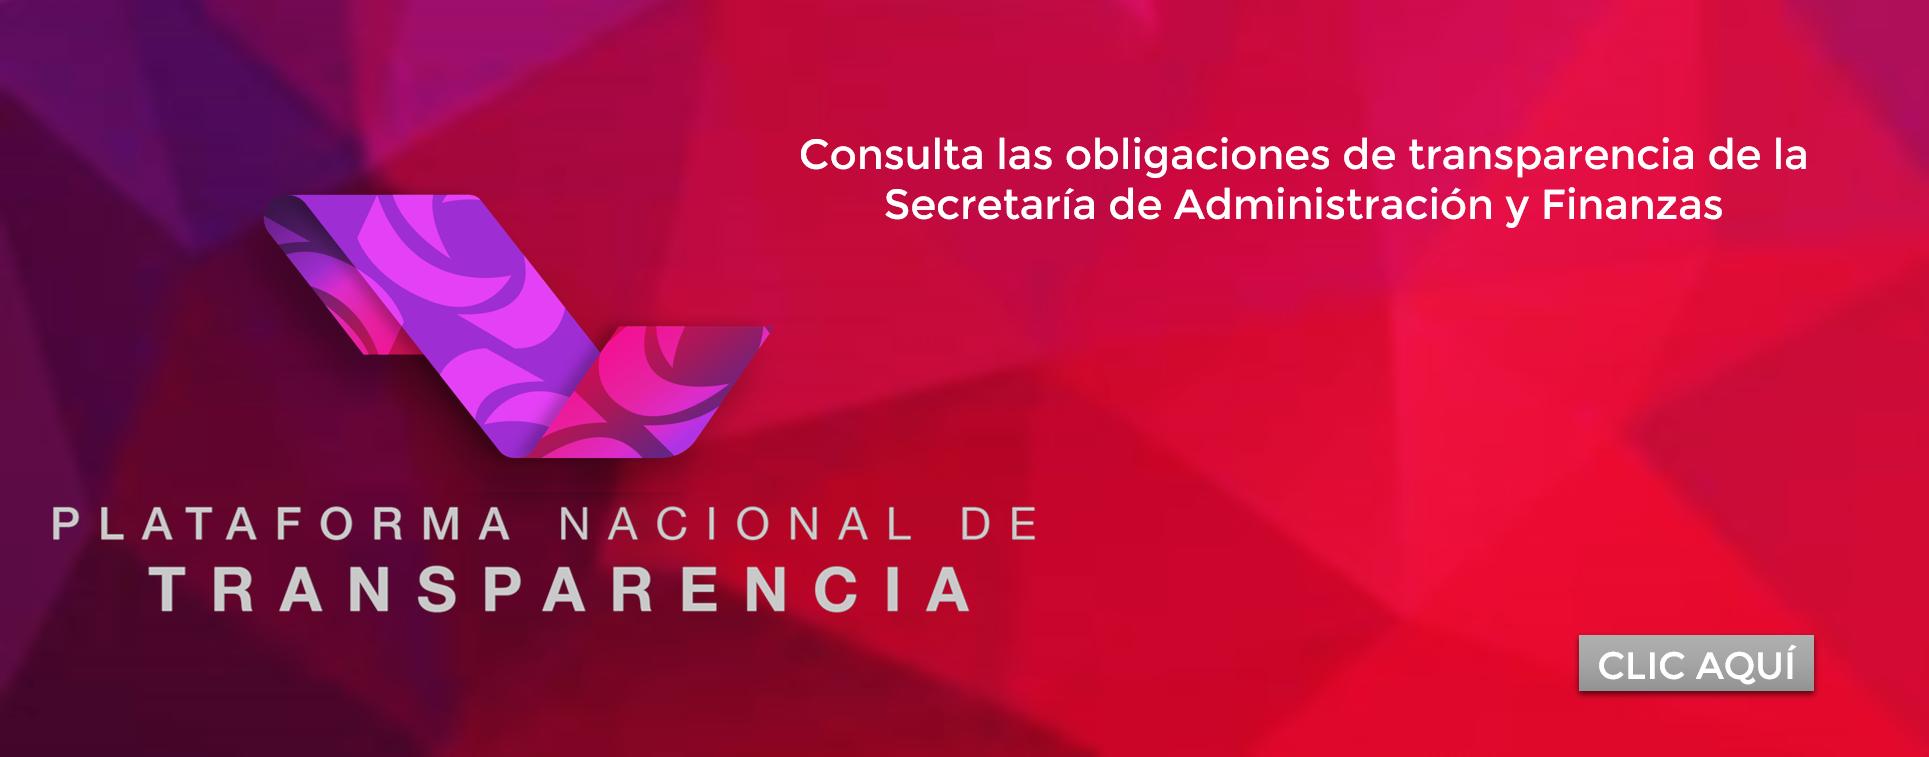 Consulta las Obligaciones de Transparencia de la Secretaría de Administración y Finanzas